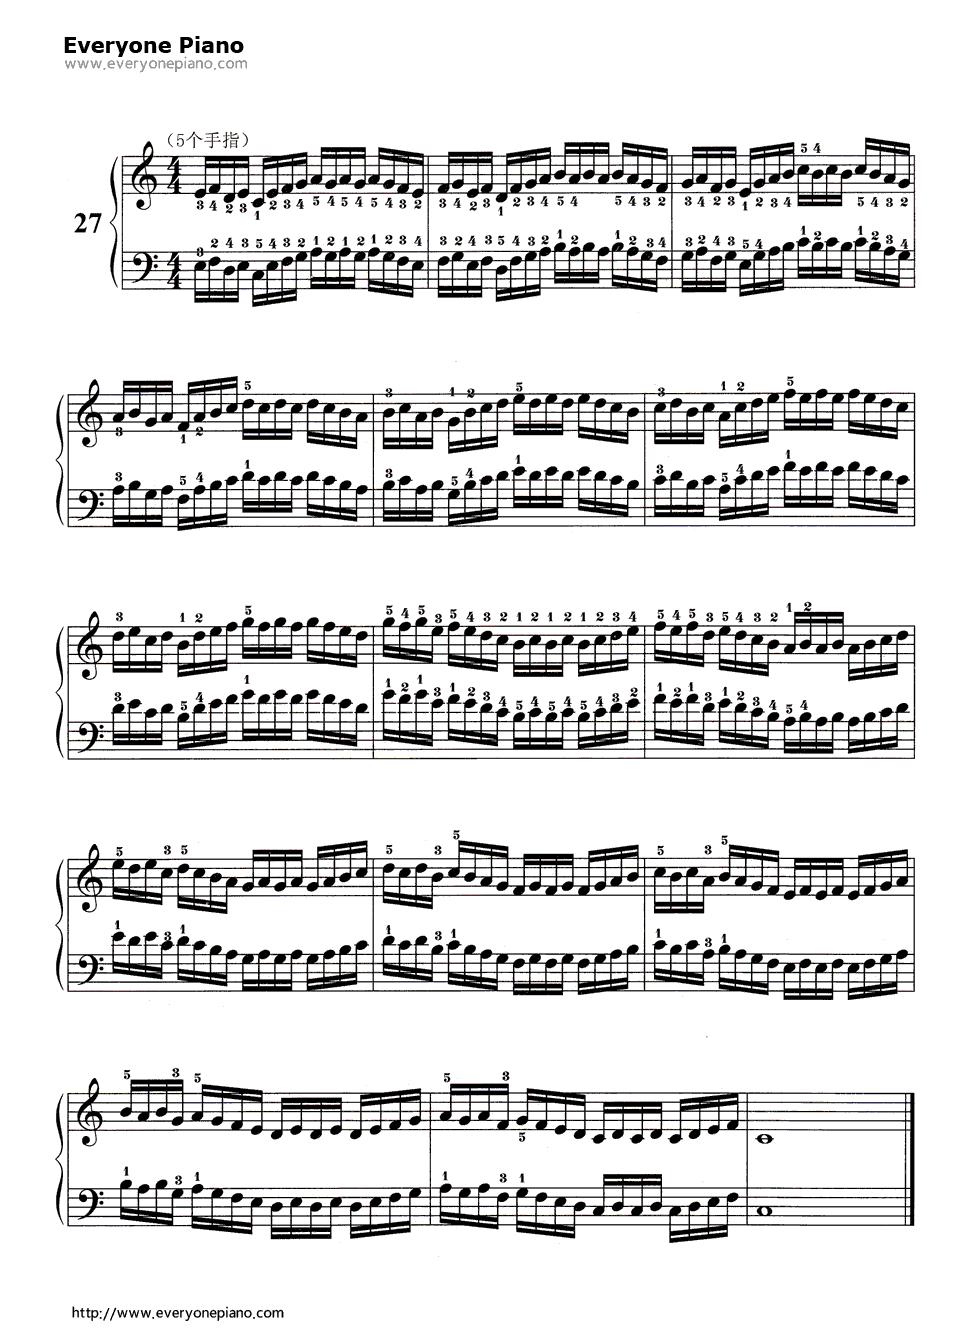 钢琴曲谱 练习曲 哈农基本练习27 哈农基本练习27五线谱预览1